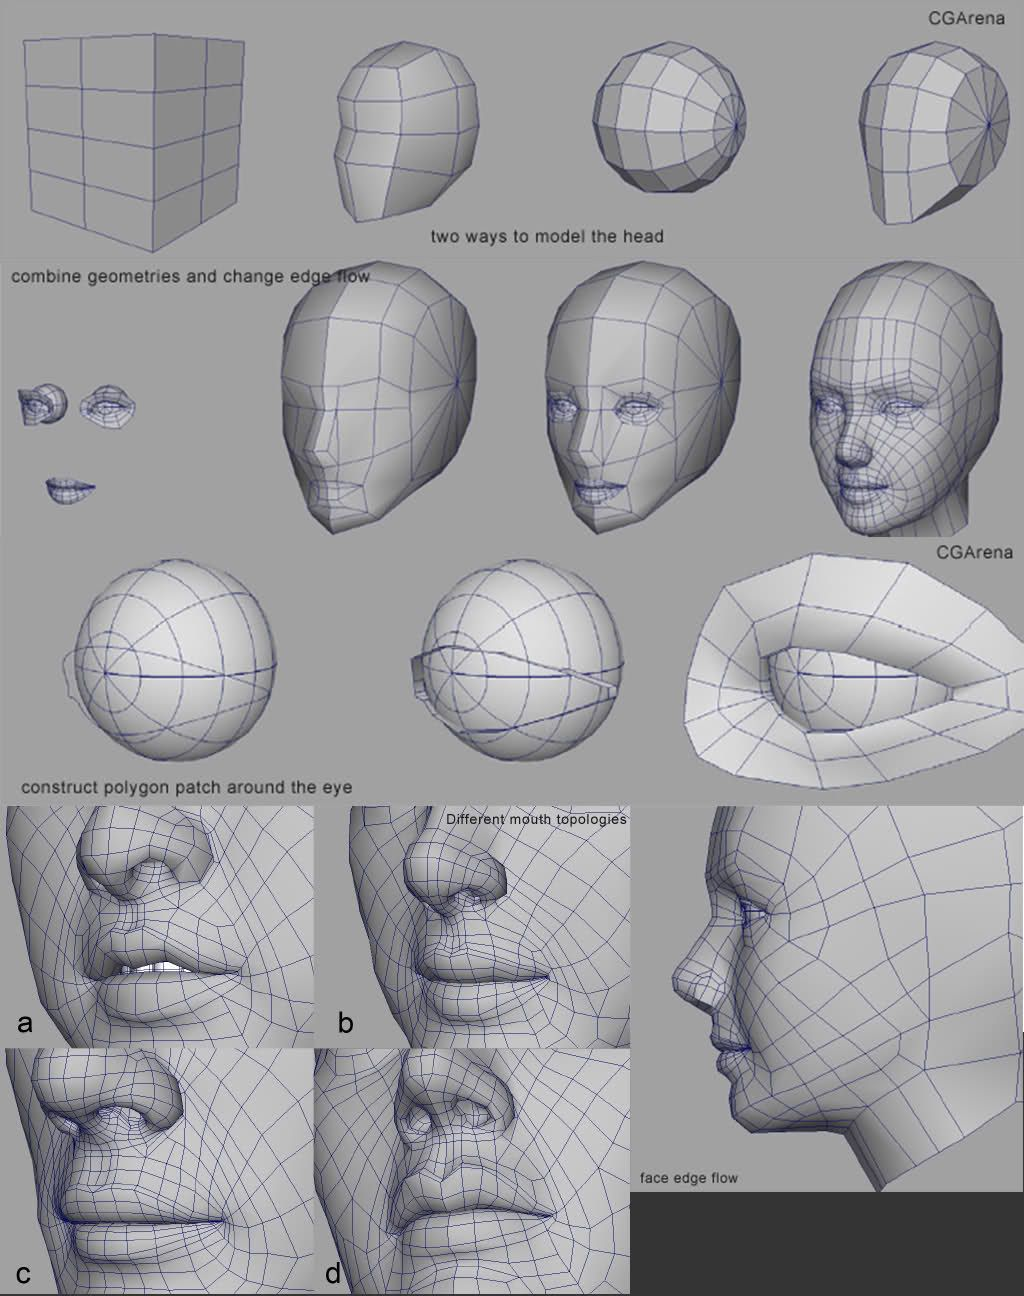 Japanese Modeling technique http://blenderartists.org/forum/showthread.php?263674-Japanese-Modeling-technique